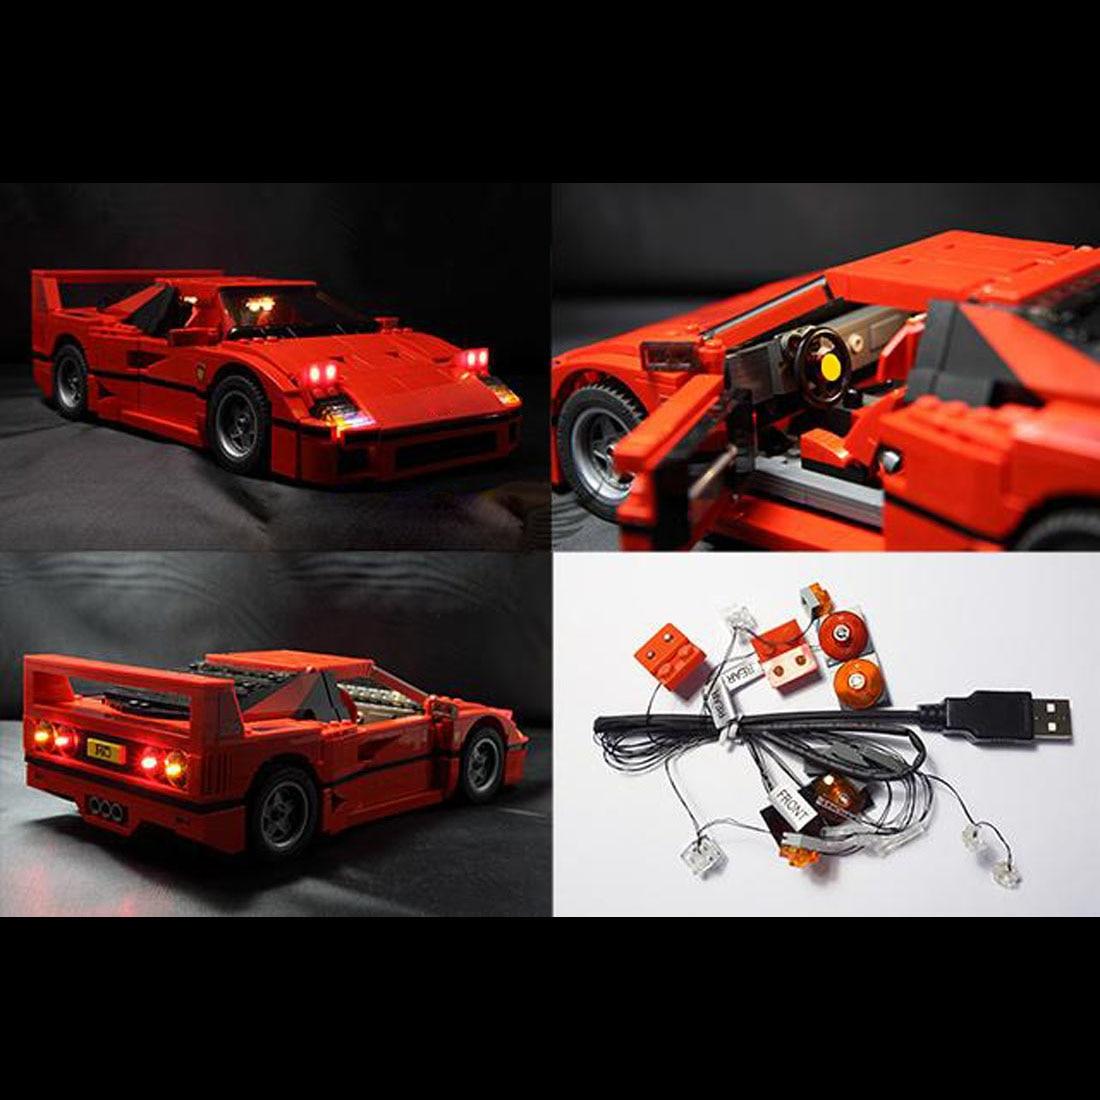 USB Powered LED Light Kit for Lego 10248 Ferrari F40